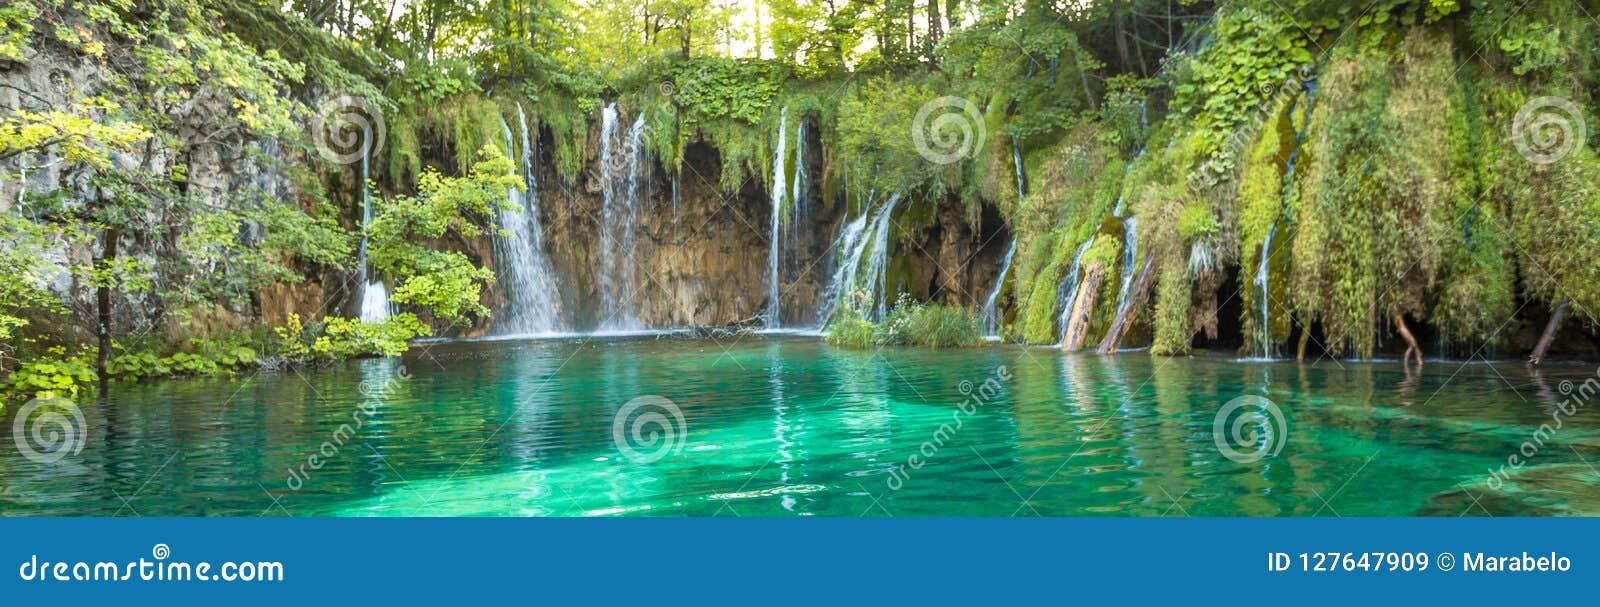 Λίμνες Plitvice, καταρράκτης της Κροατίας Καταπληκτική θέση